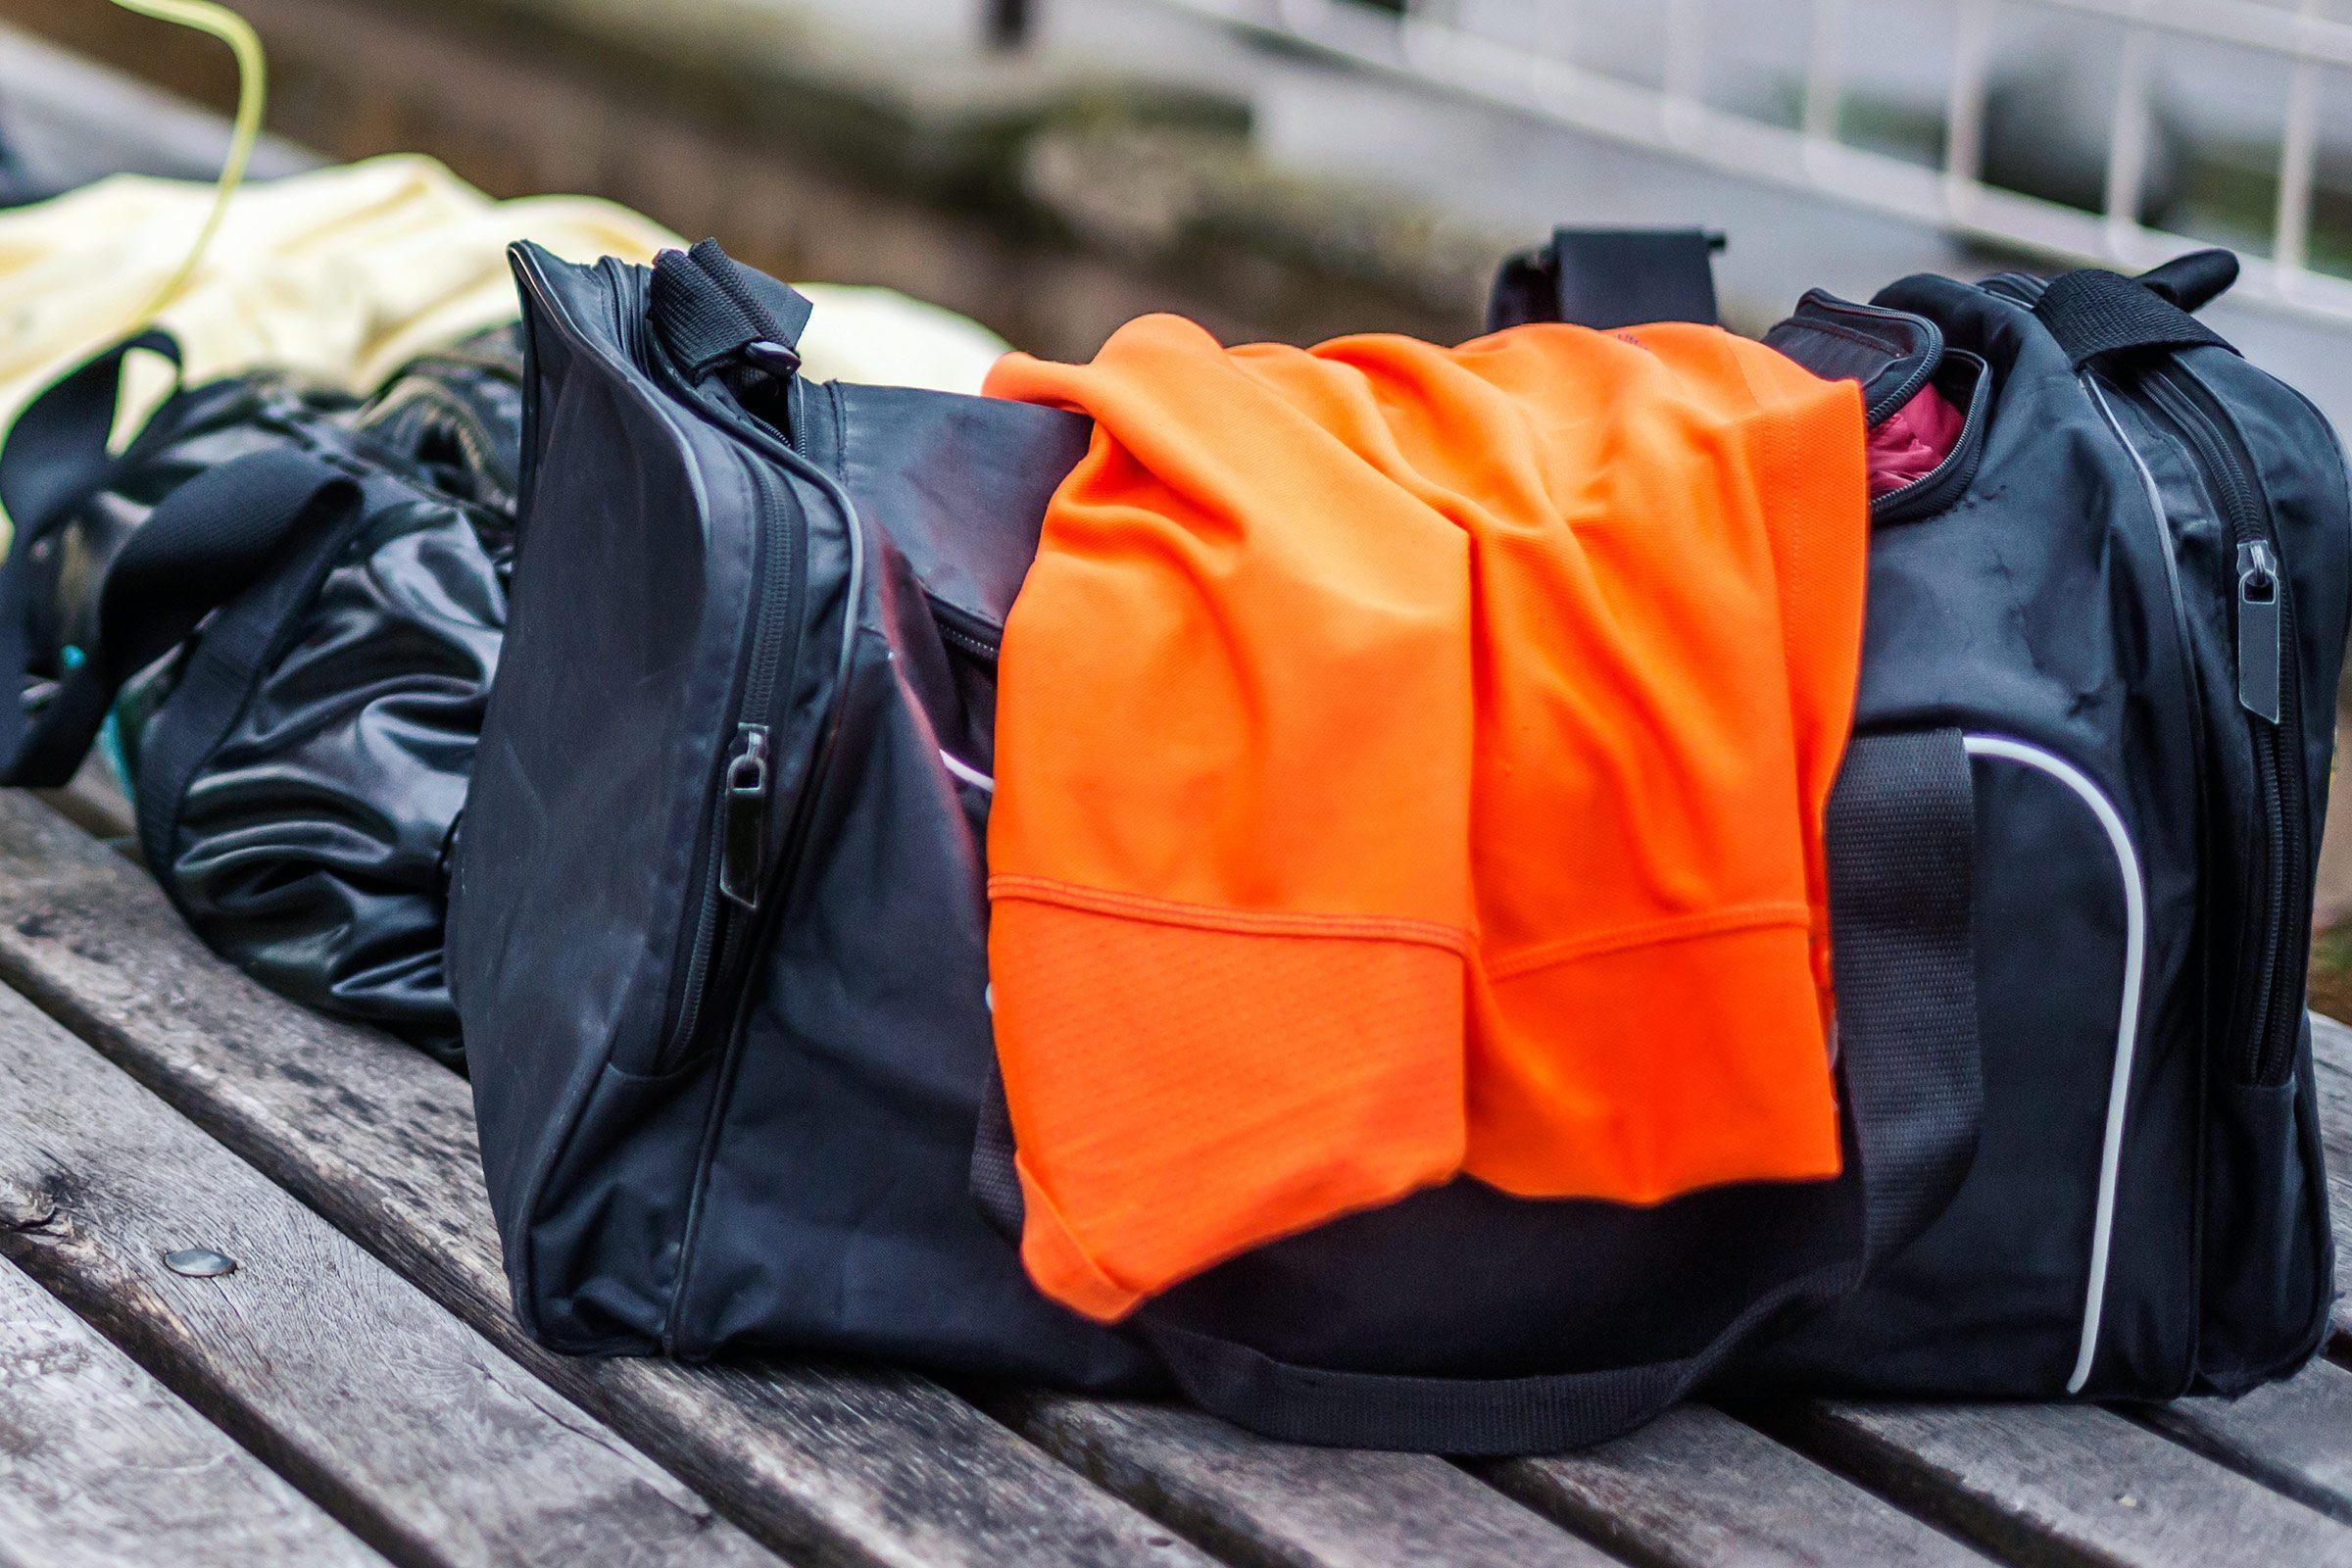 Les sacs de gym peuvent être lavés à la machine.